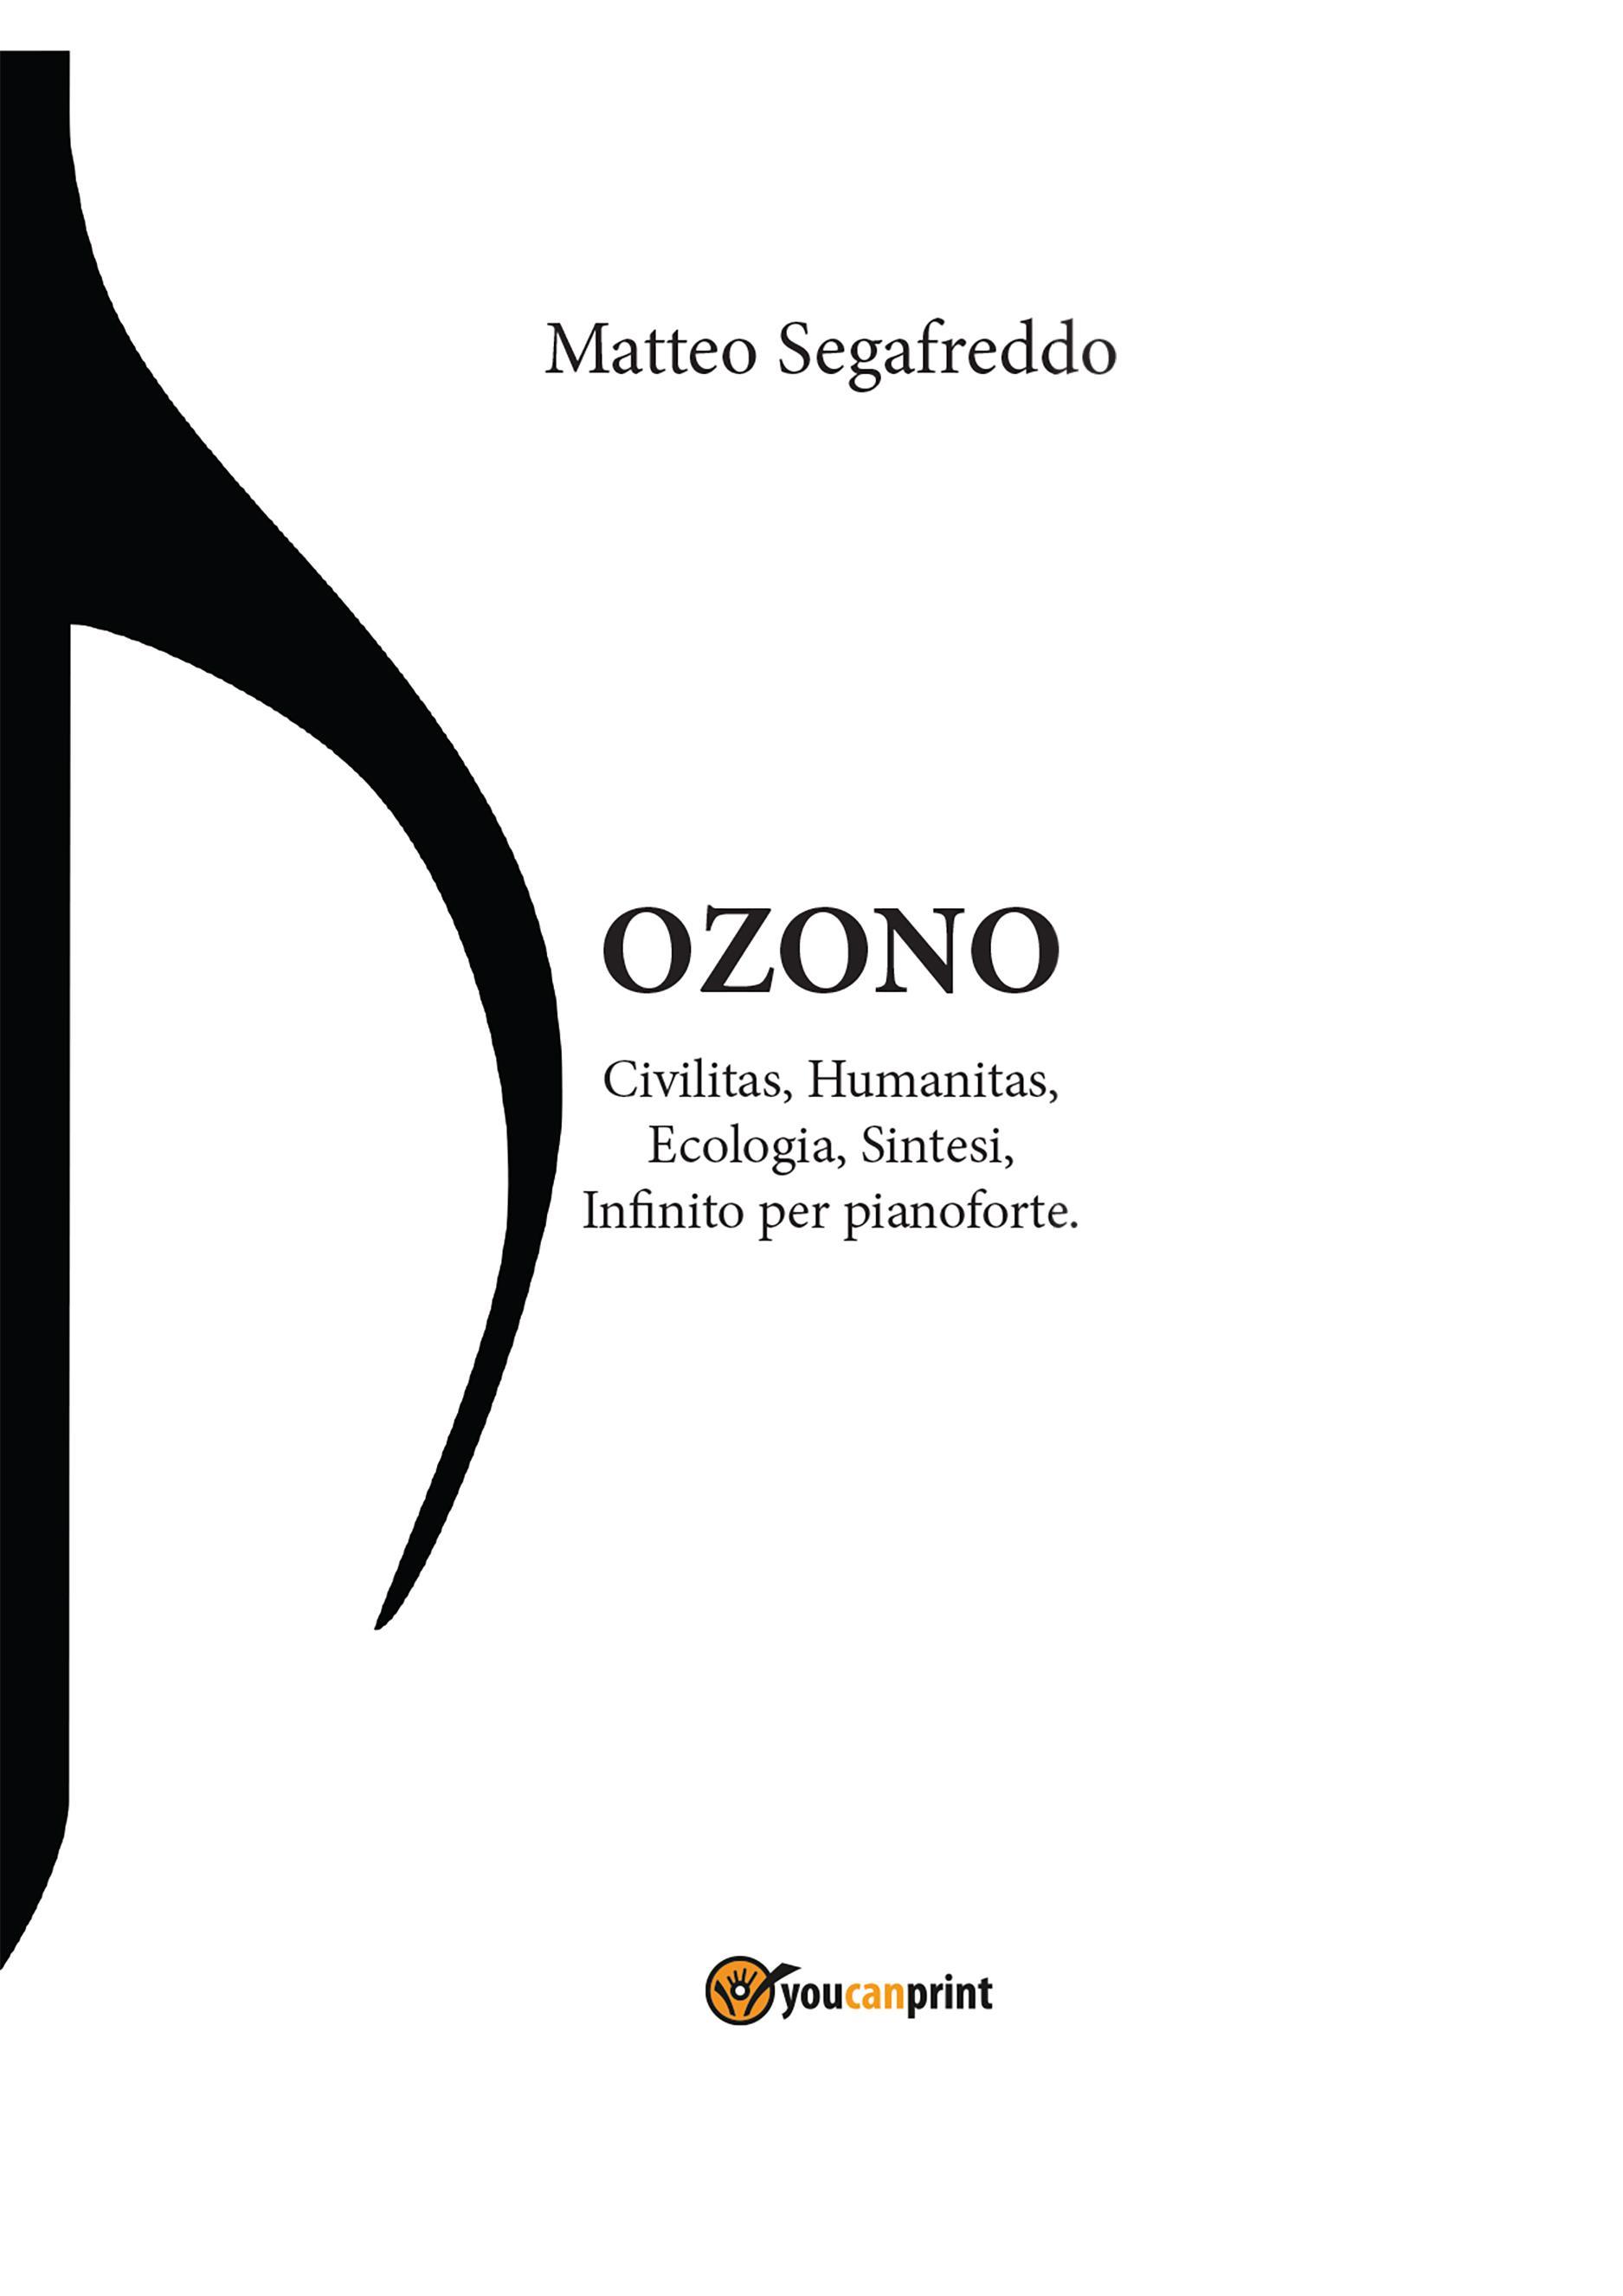 OZONO per pianoforte